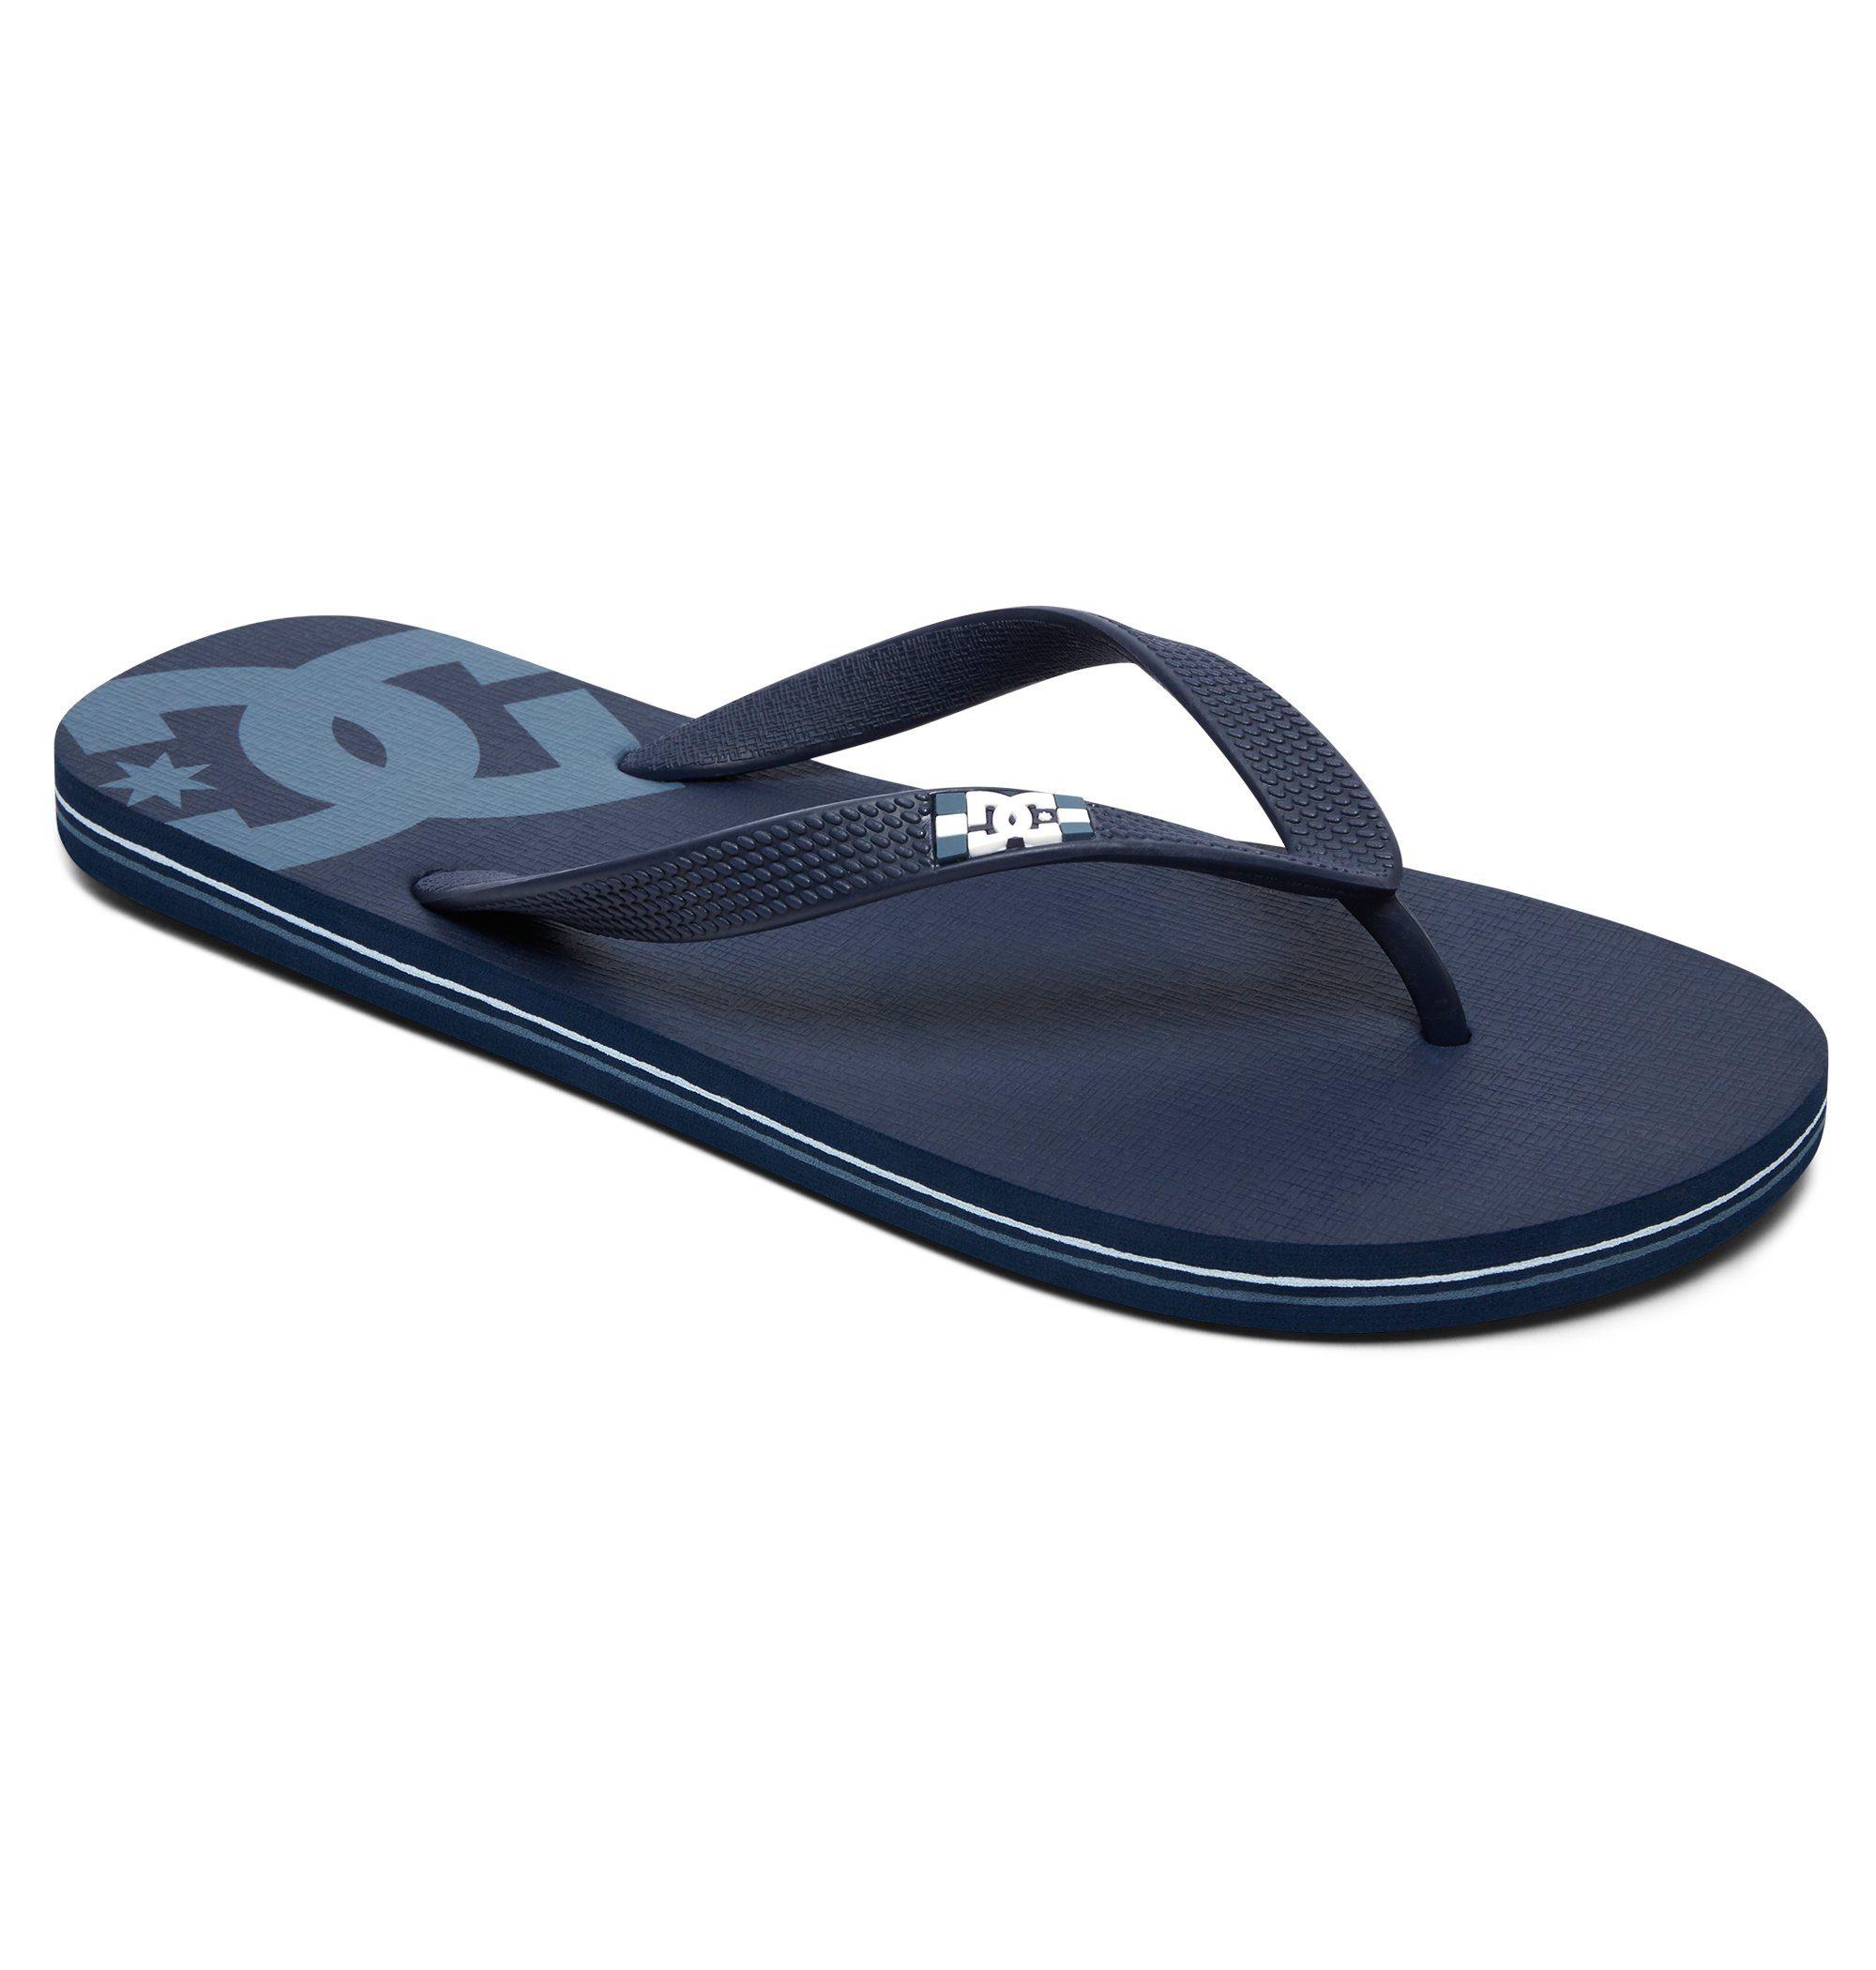 DC Shoes Sandalen Spray online kaufen  NAVY#ft5_slash#BLUE#ft5_slash#WHITE